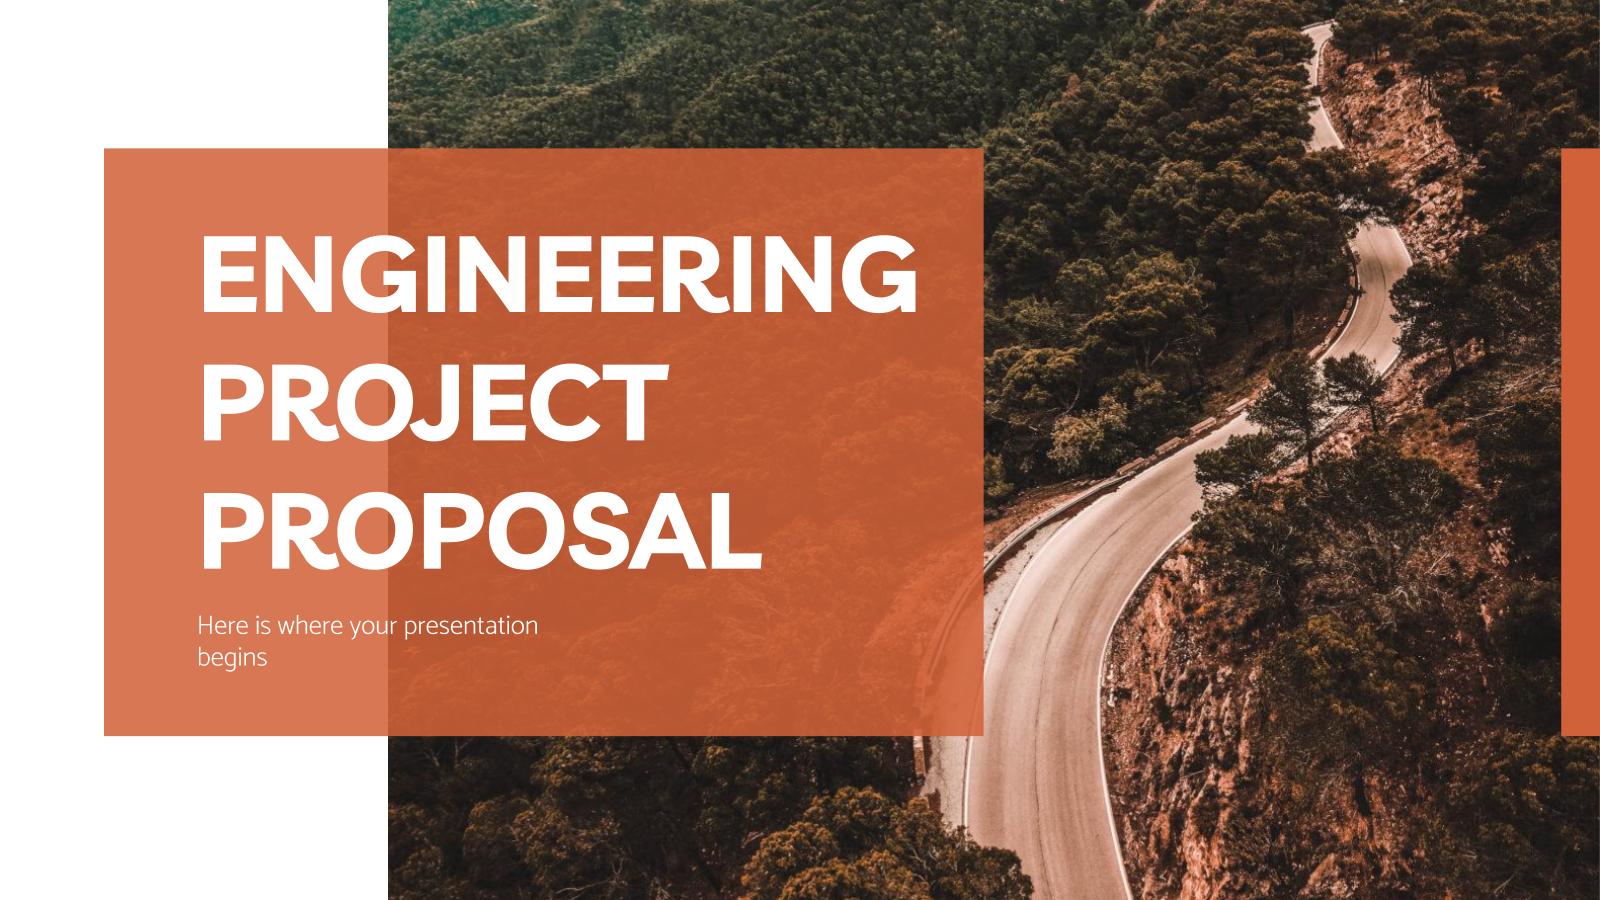 Plantilla de presentación Propuesta de proyecto de ingeniería